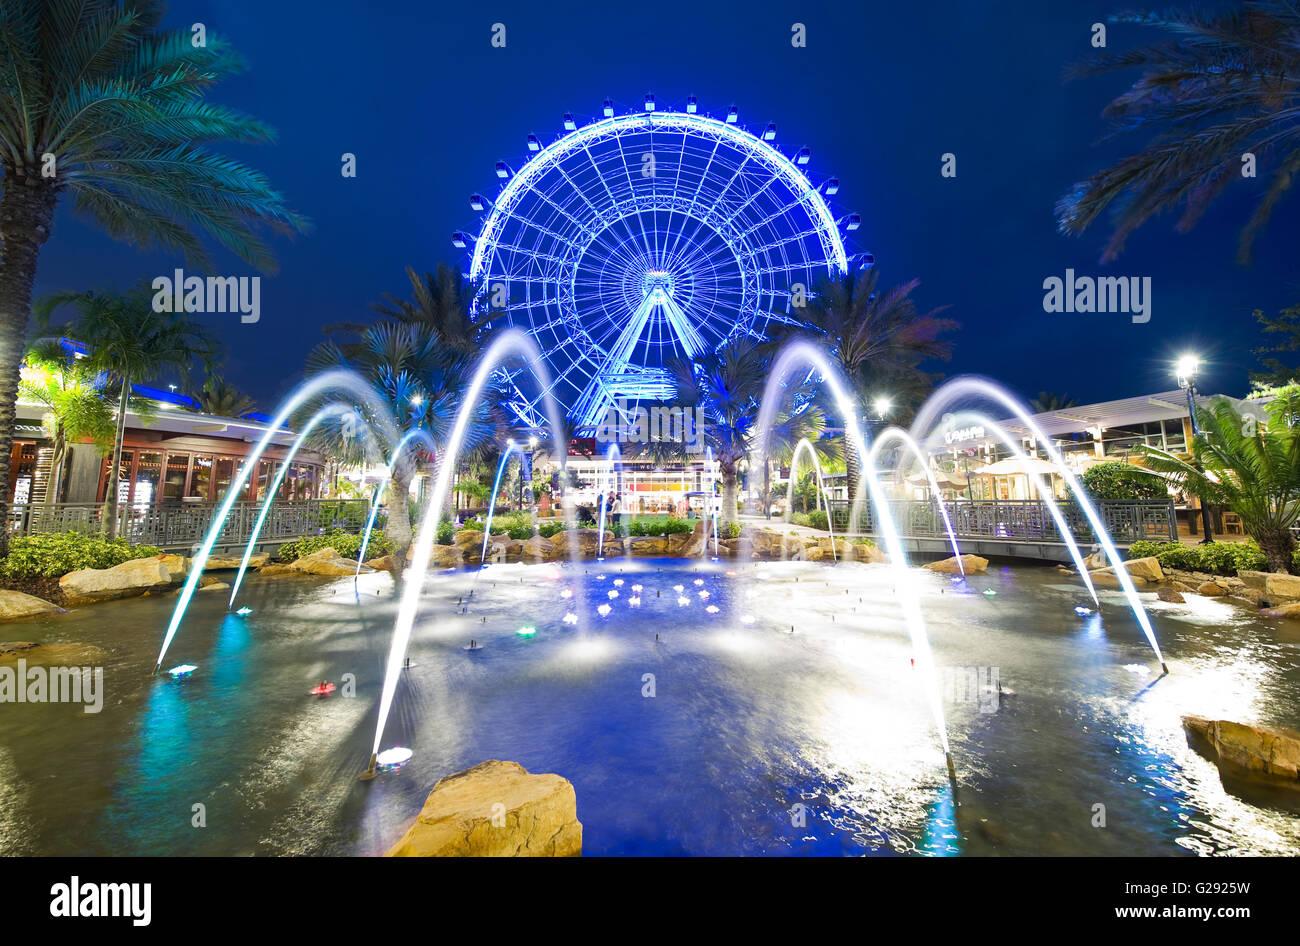 L'Occhio di Orlando è un 400 piedi di altezza ruota panoramica nel cuore di Orlando e la più grande ruota panoramica sulla costa est Foto Stock